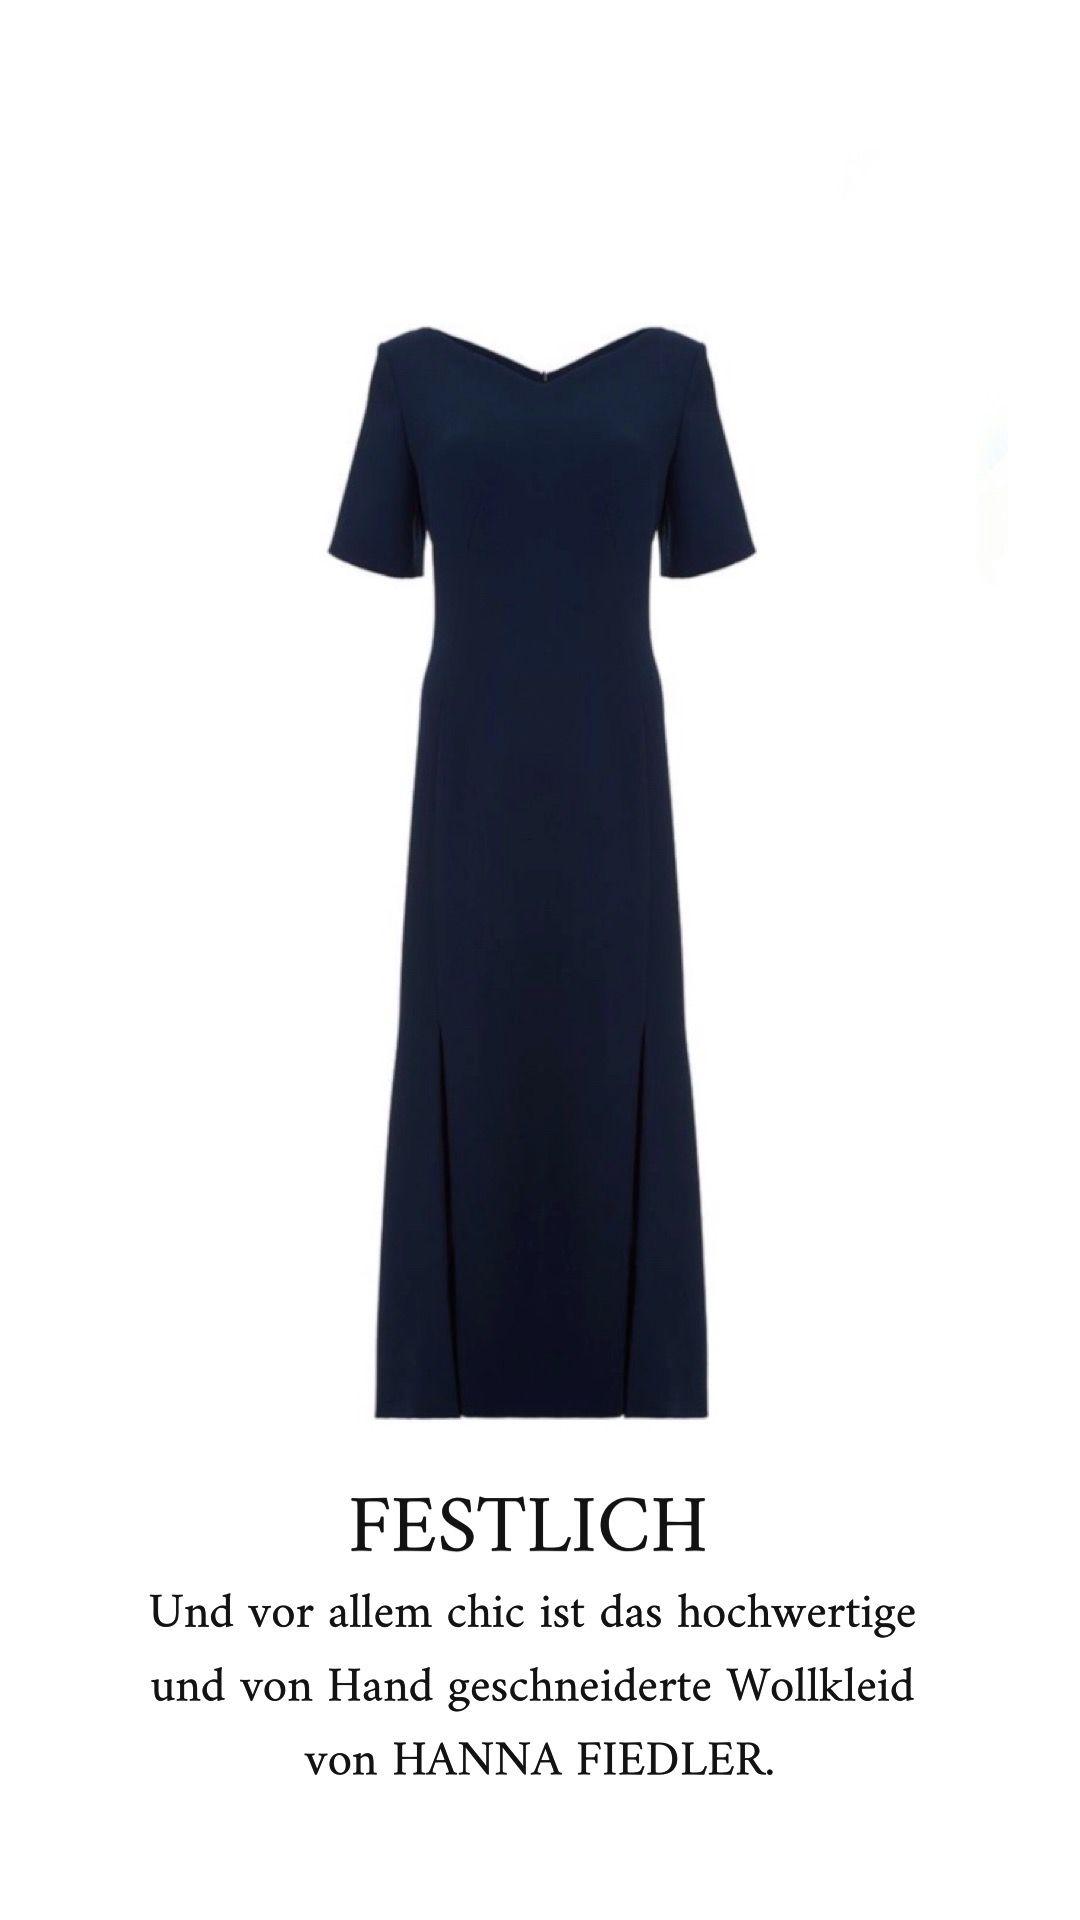 Short sleeve wool dress  Wollkleid, Kleider, Kleider damen